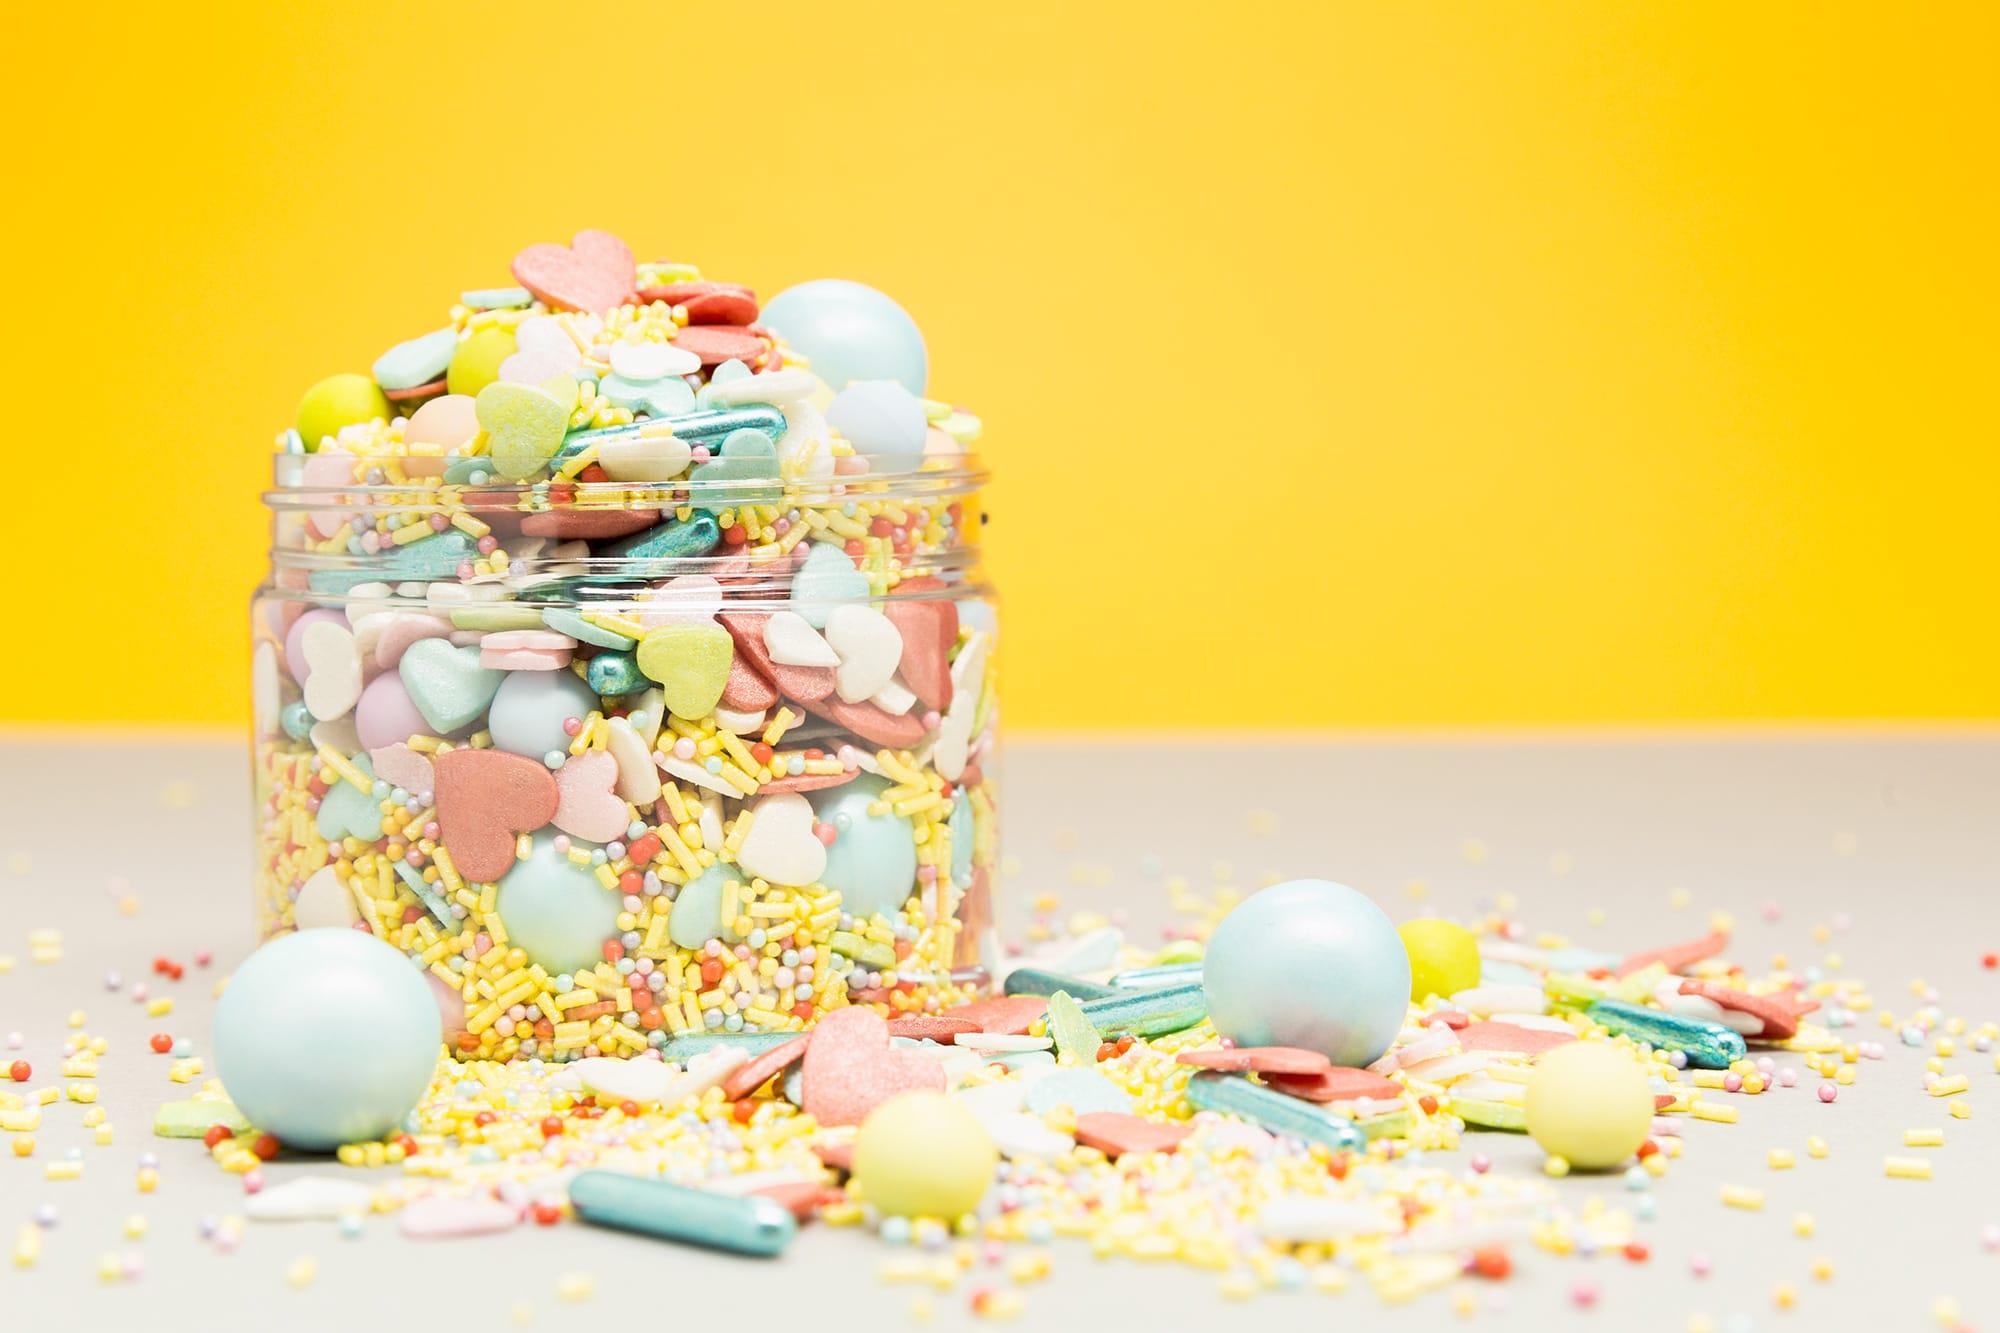 lieblingsstreusel-gemischte-zuckerstreusel-rainbow-pop-regenbogenfarben-zuckerstreuselmischung